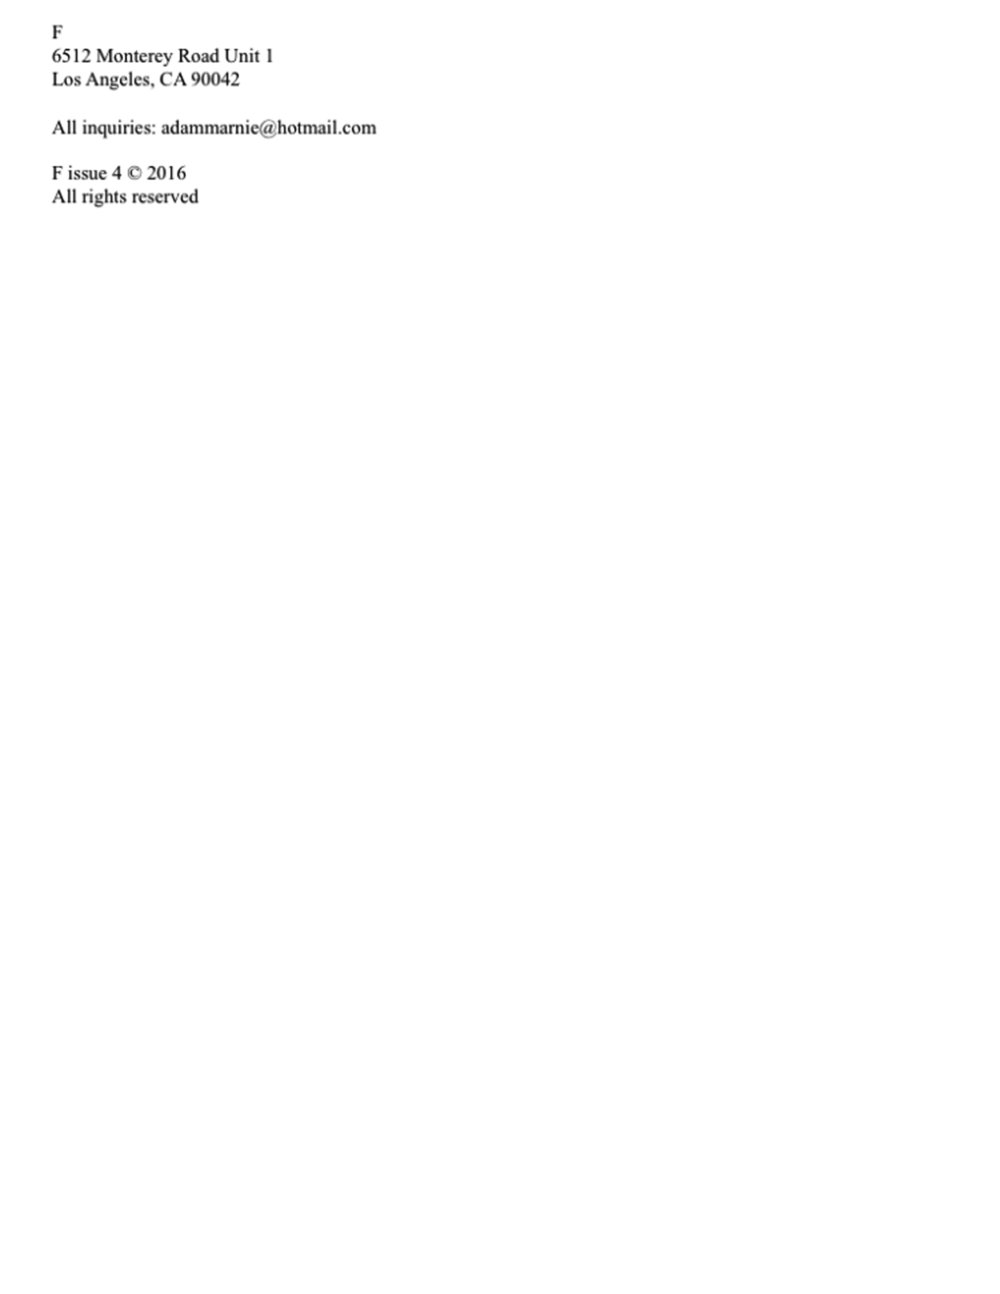 F_4_endnotes_b.jpg